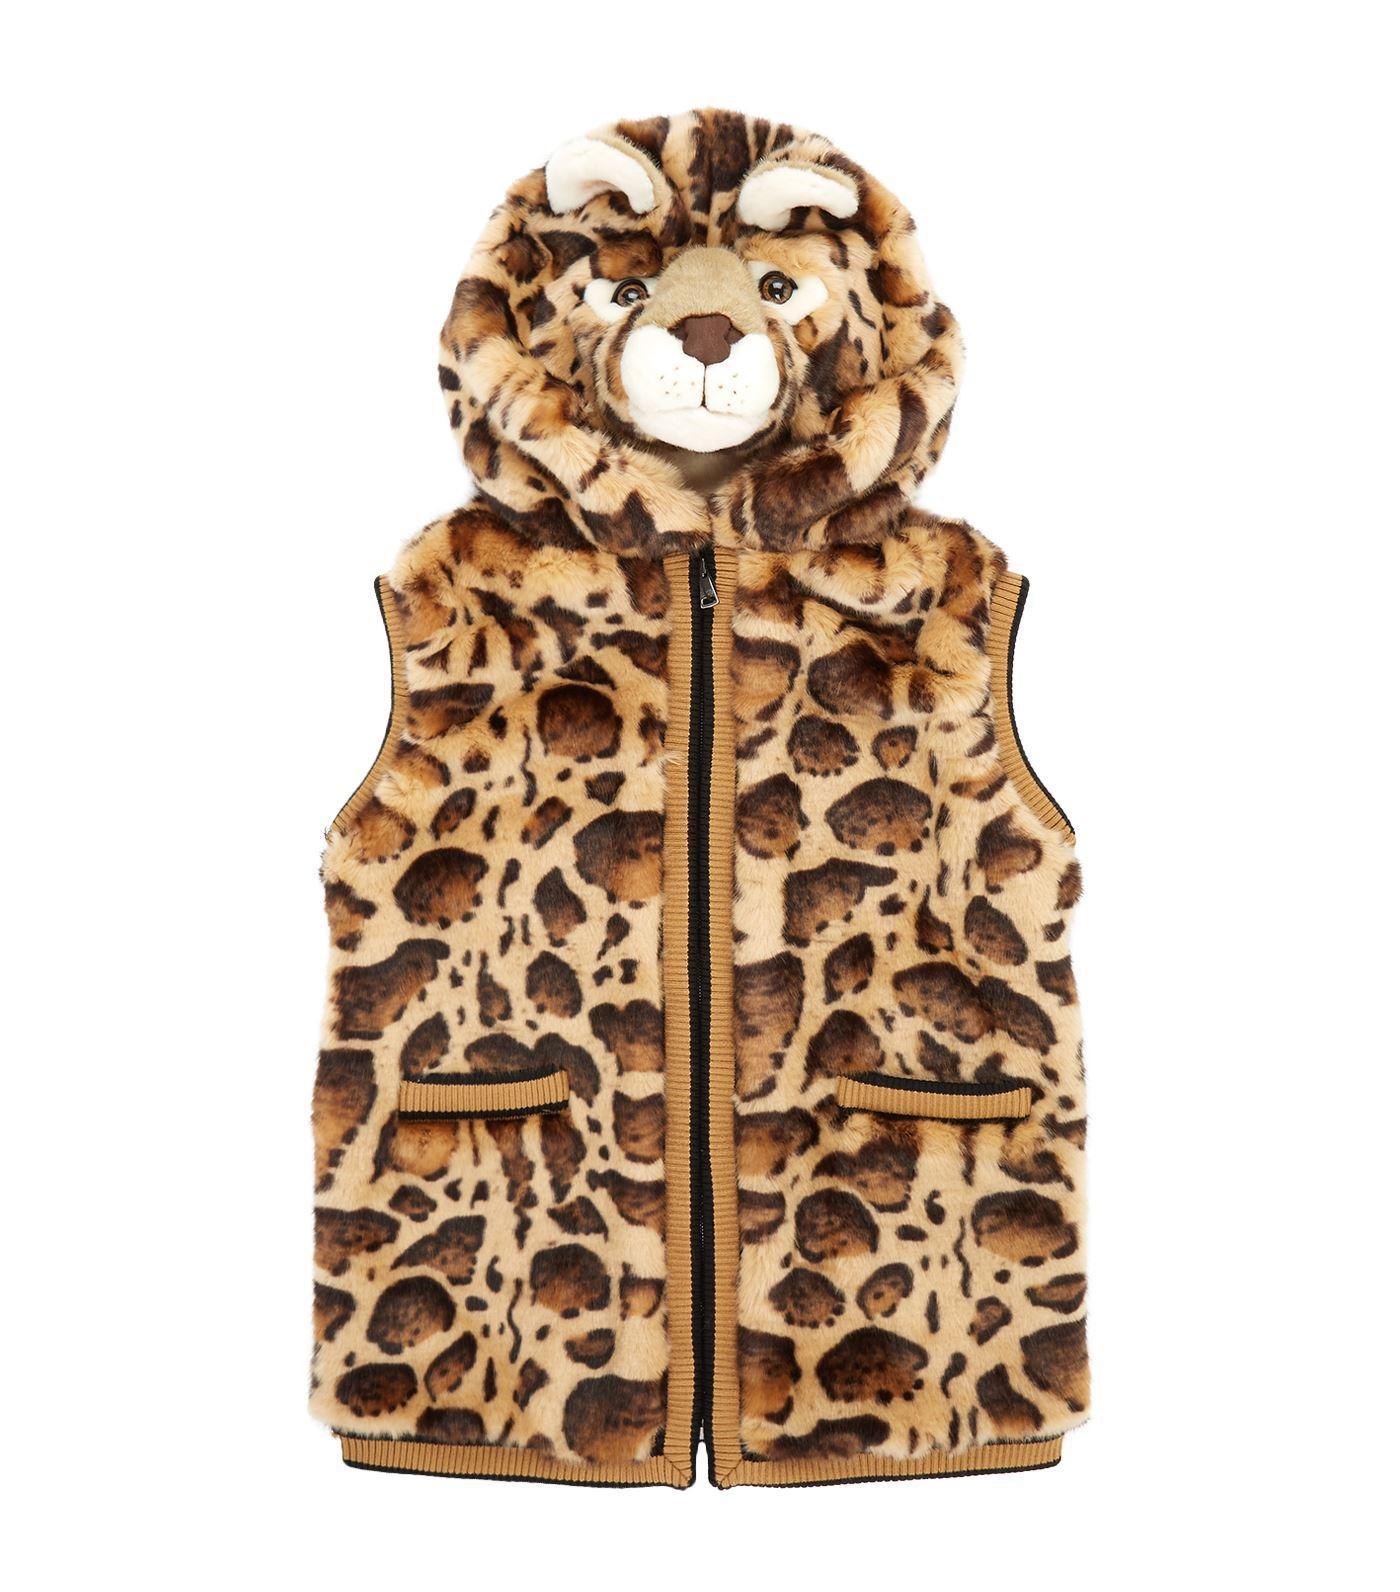 Dolce & Gabbana Faux Fur Leopard Gilet In Multi